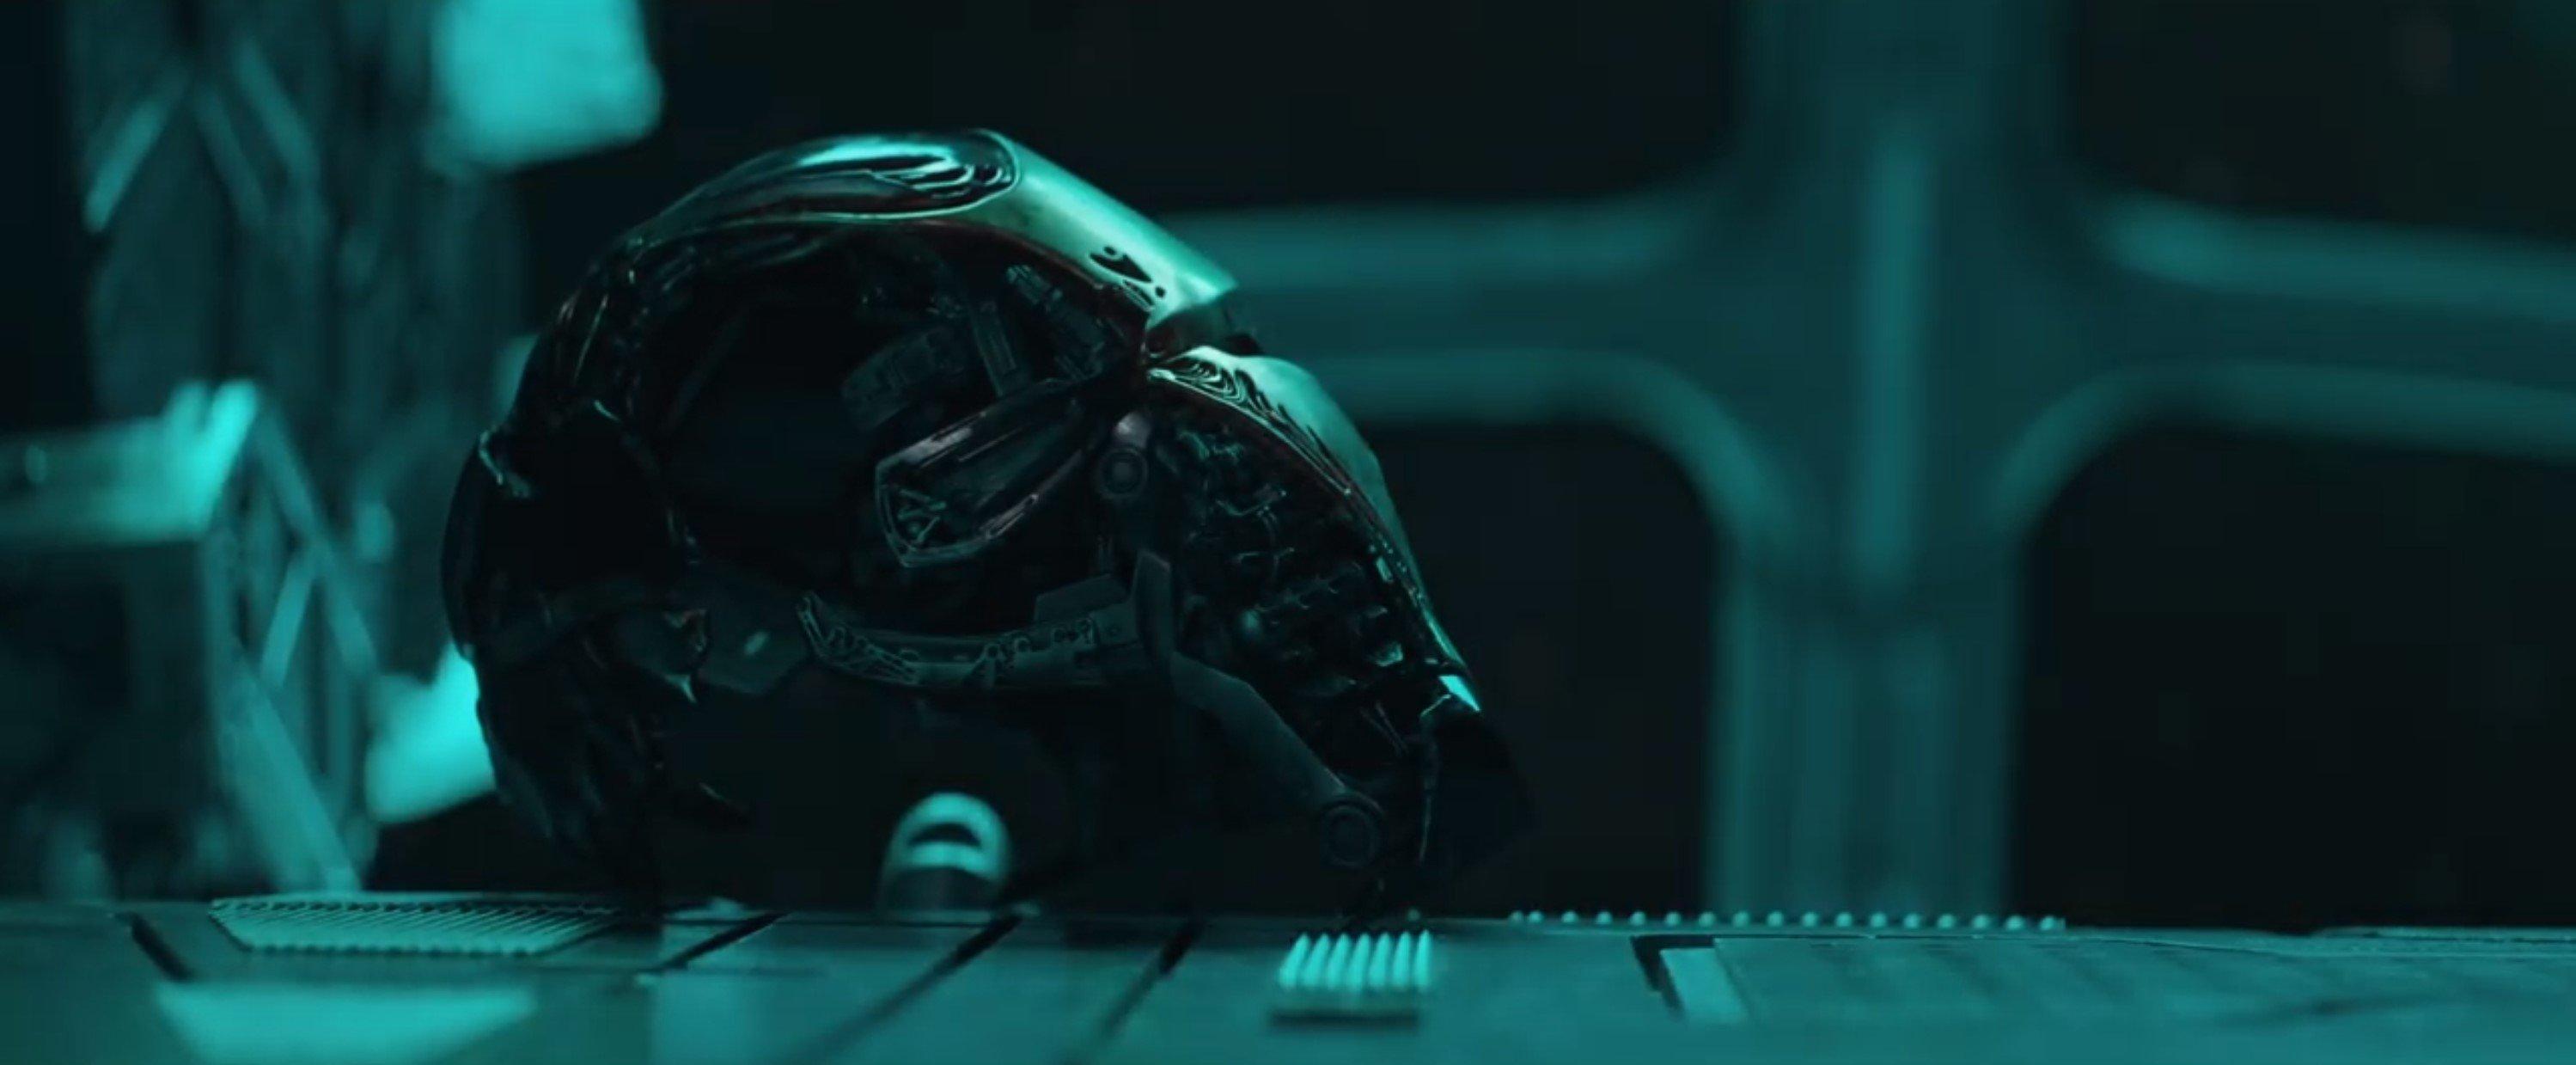 Мстители: Финал. Шлем Железного Человека